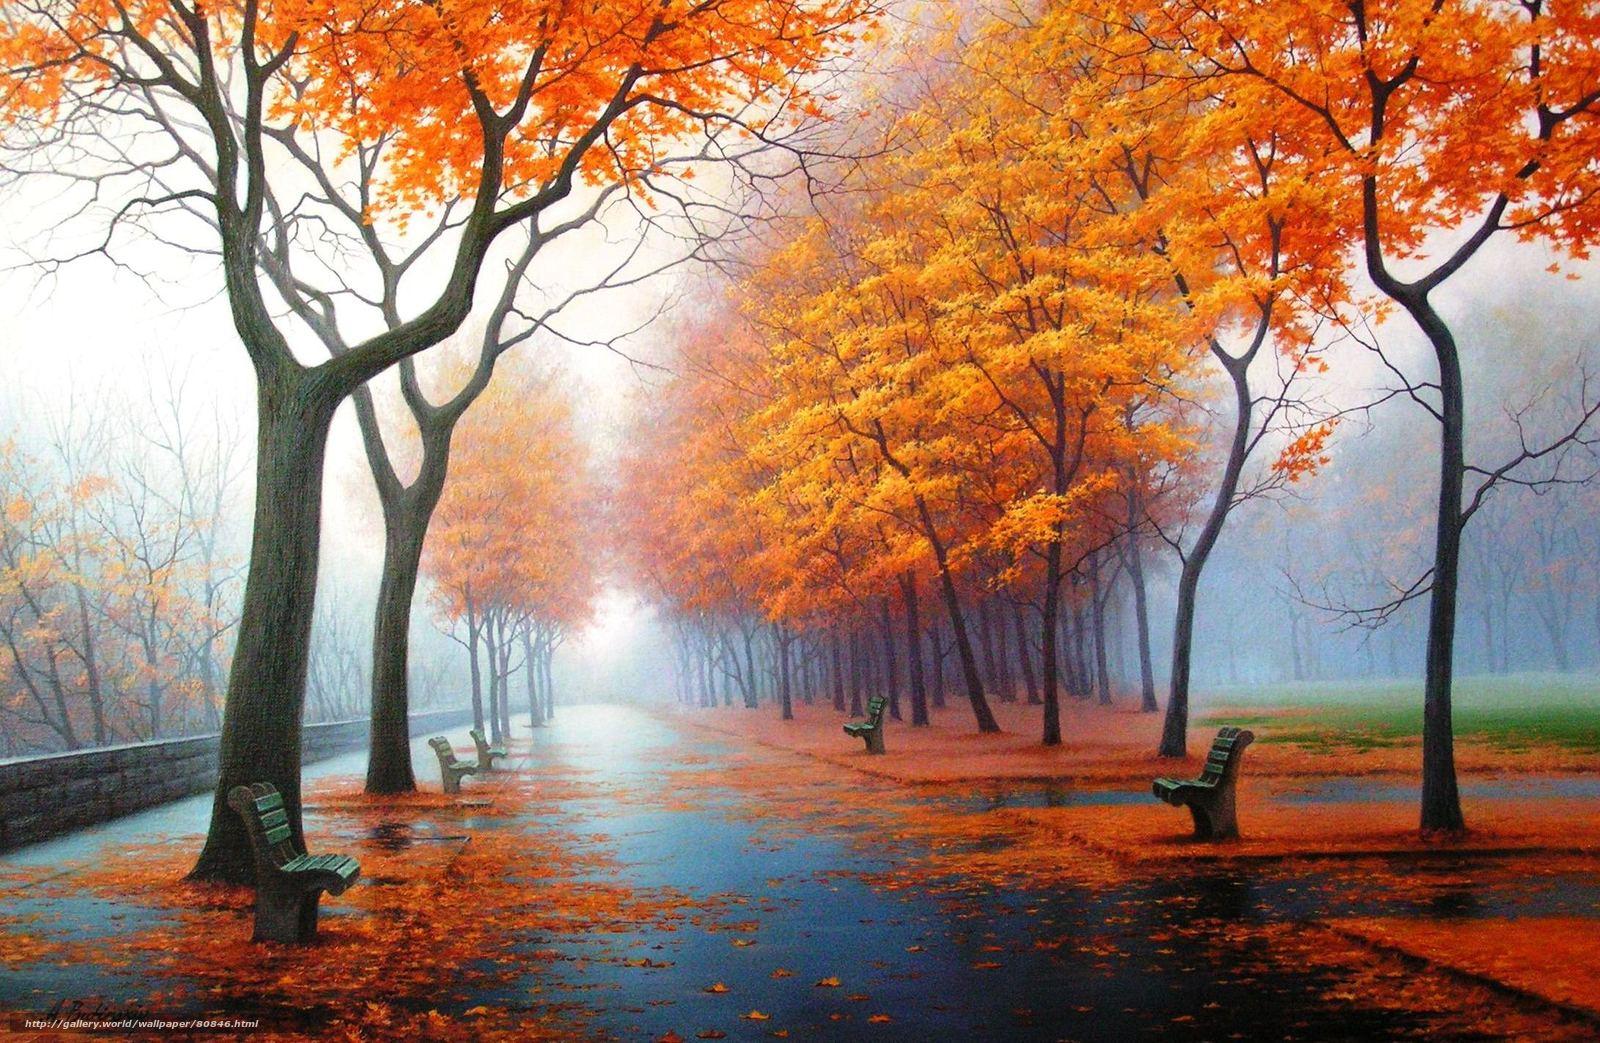 картина, картины, арт, природа, рисунок ...: fx-fp.ru/gdefon/fxfotosandwallpapers/full/80846-fxfotosandwallpapers